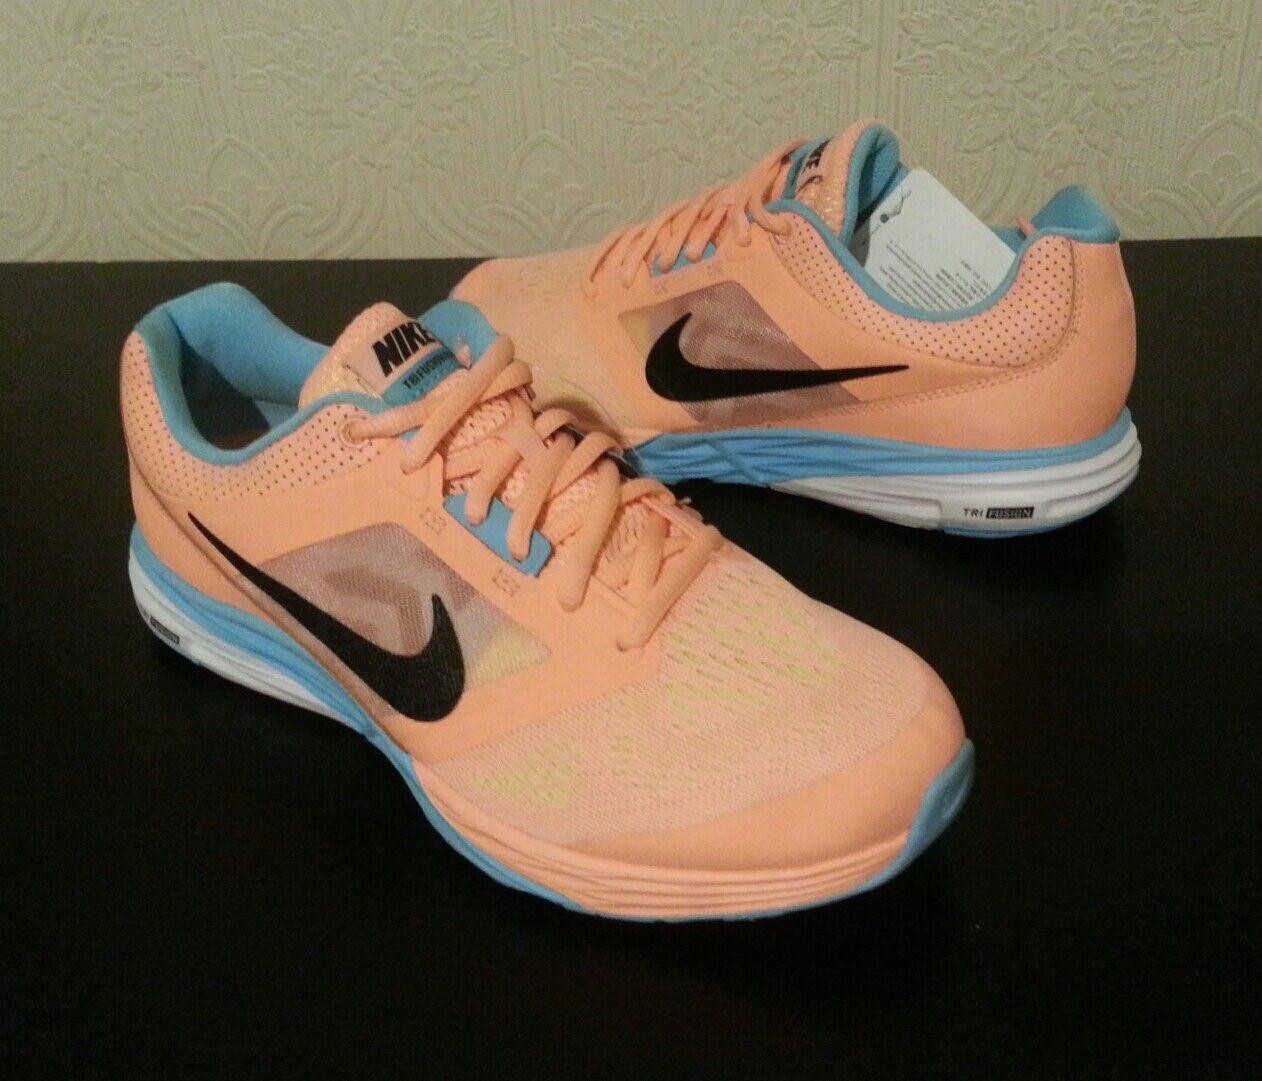 NUOVO Nike Scarpe da ginnastica 5.5 Orange trifusion Run Taglia 5.5 ginnastica 0eb814